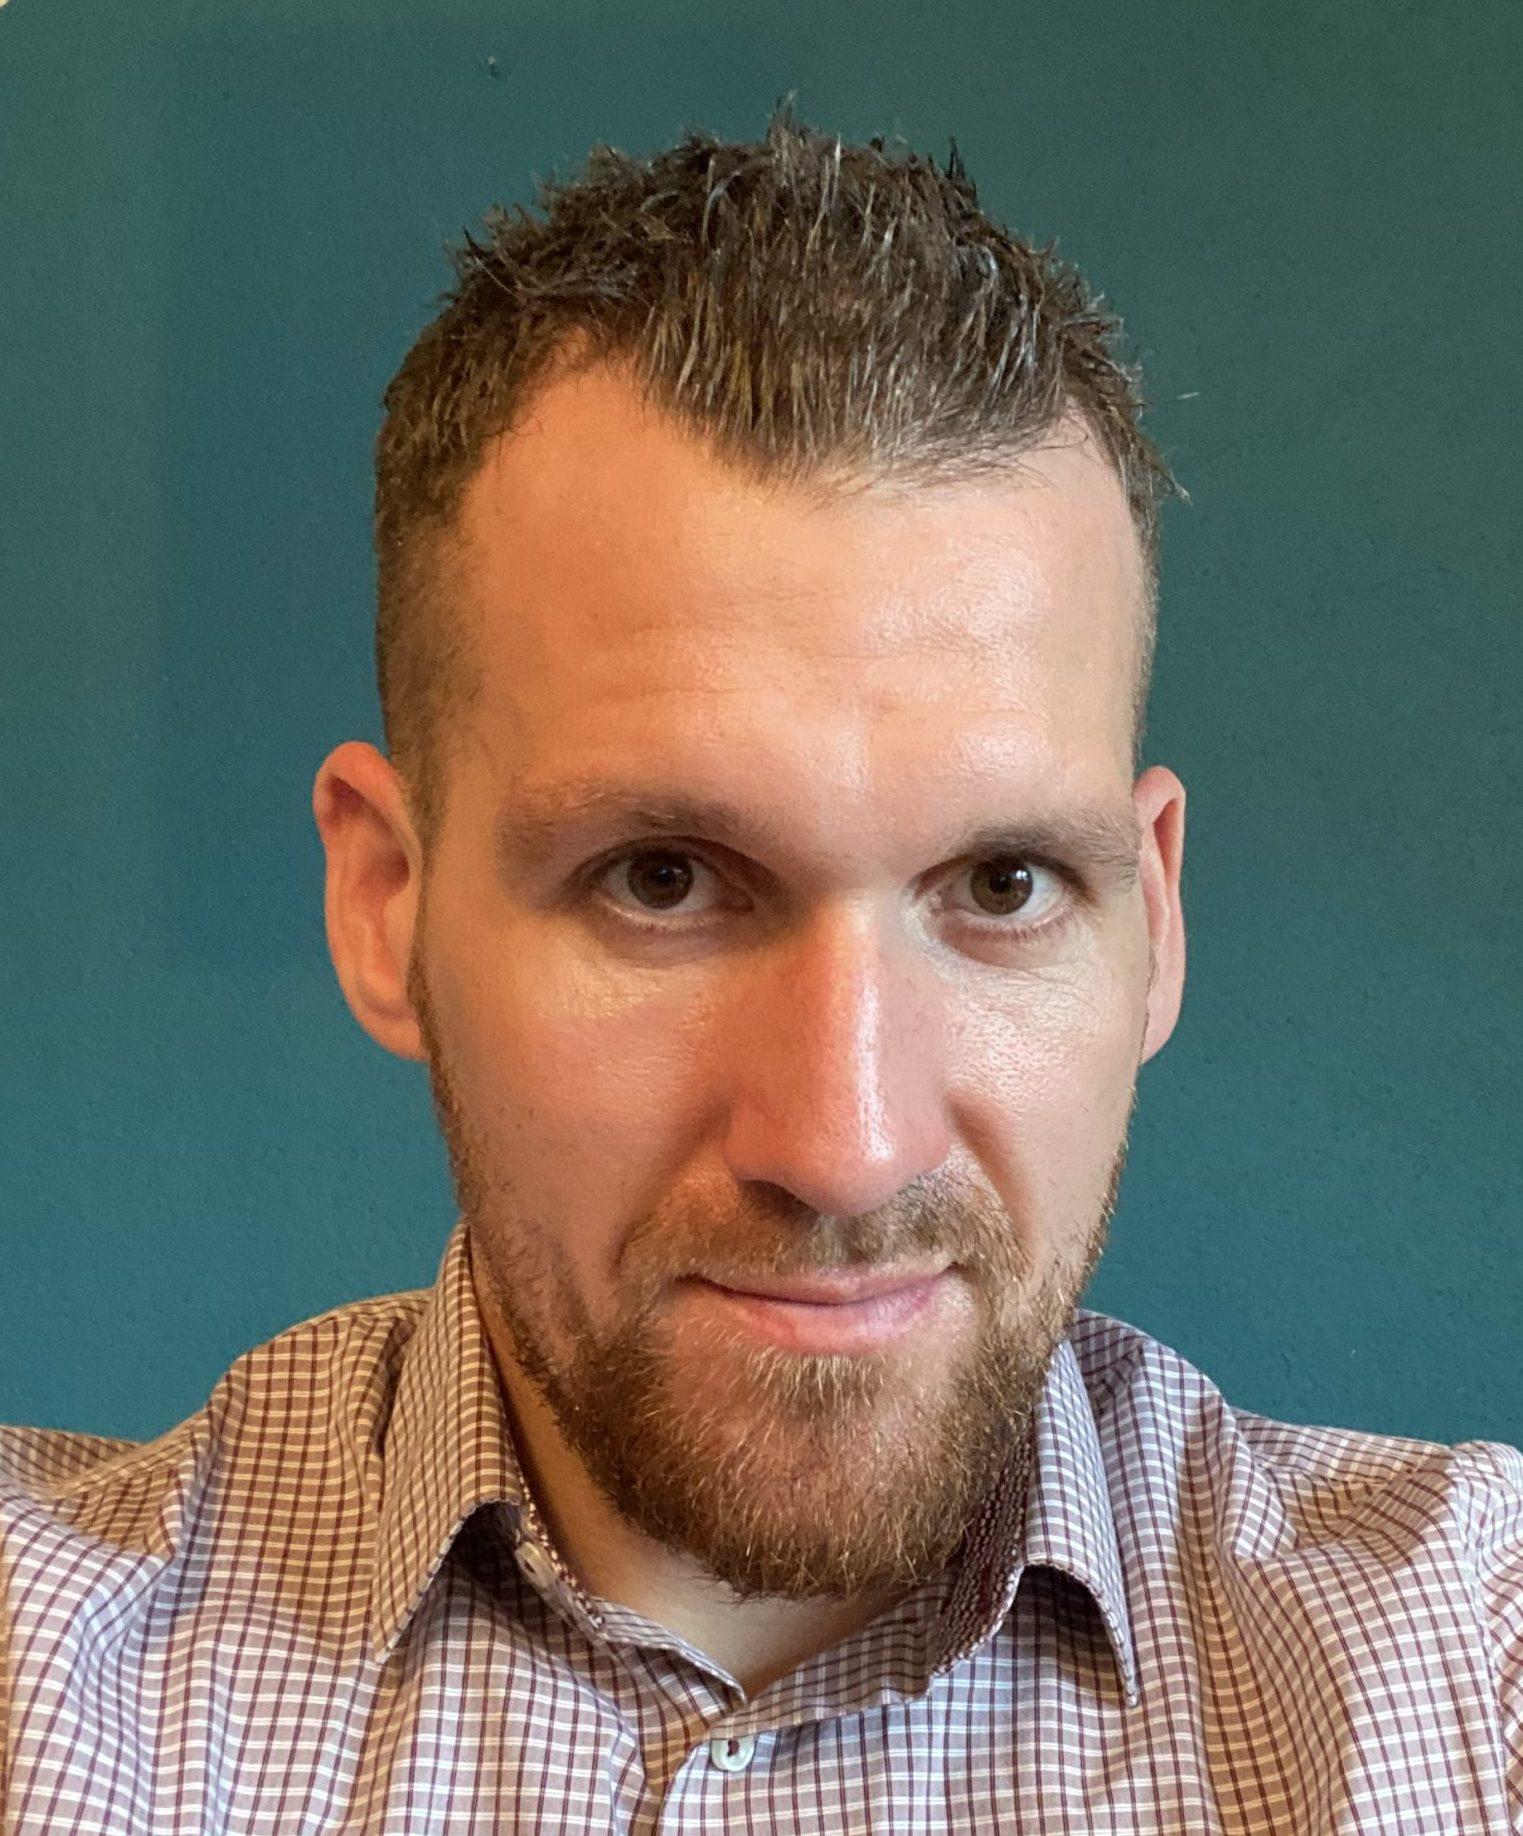 Christian Bergler